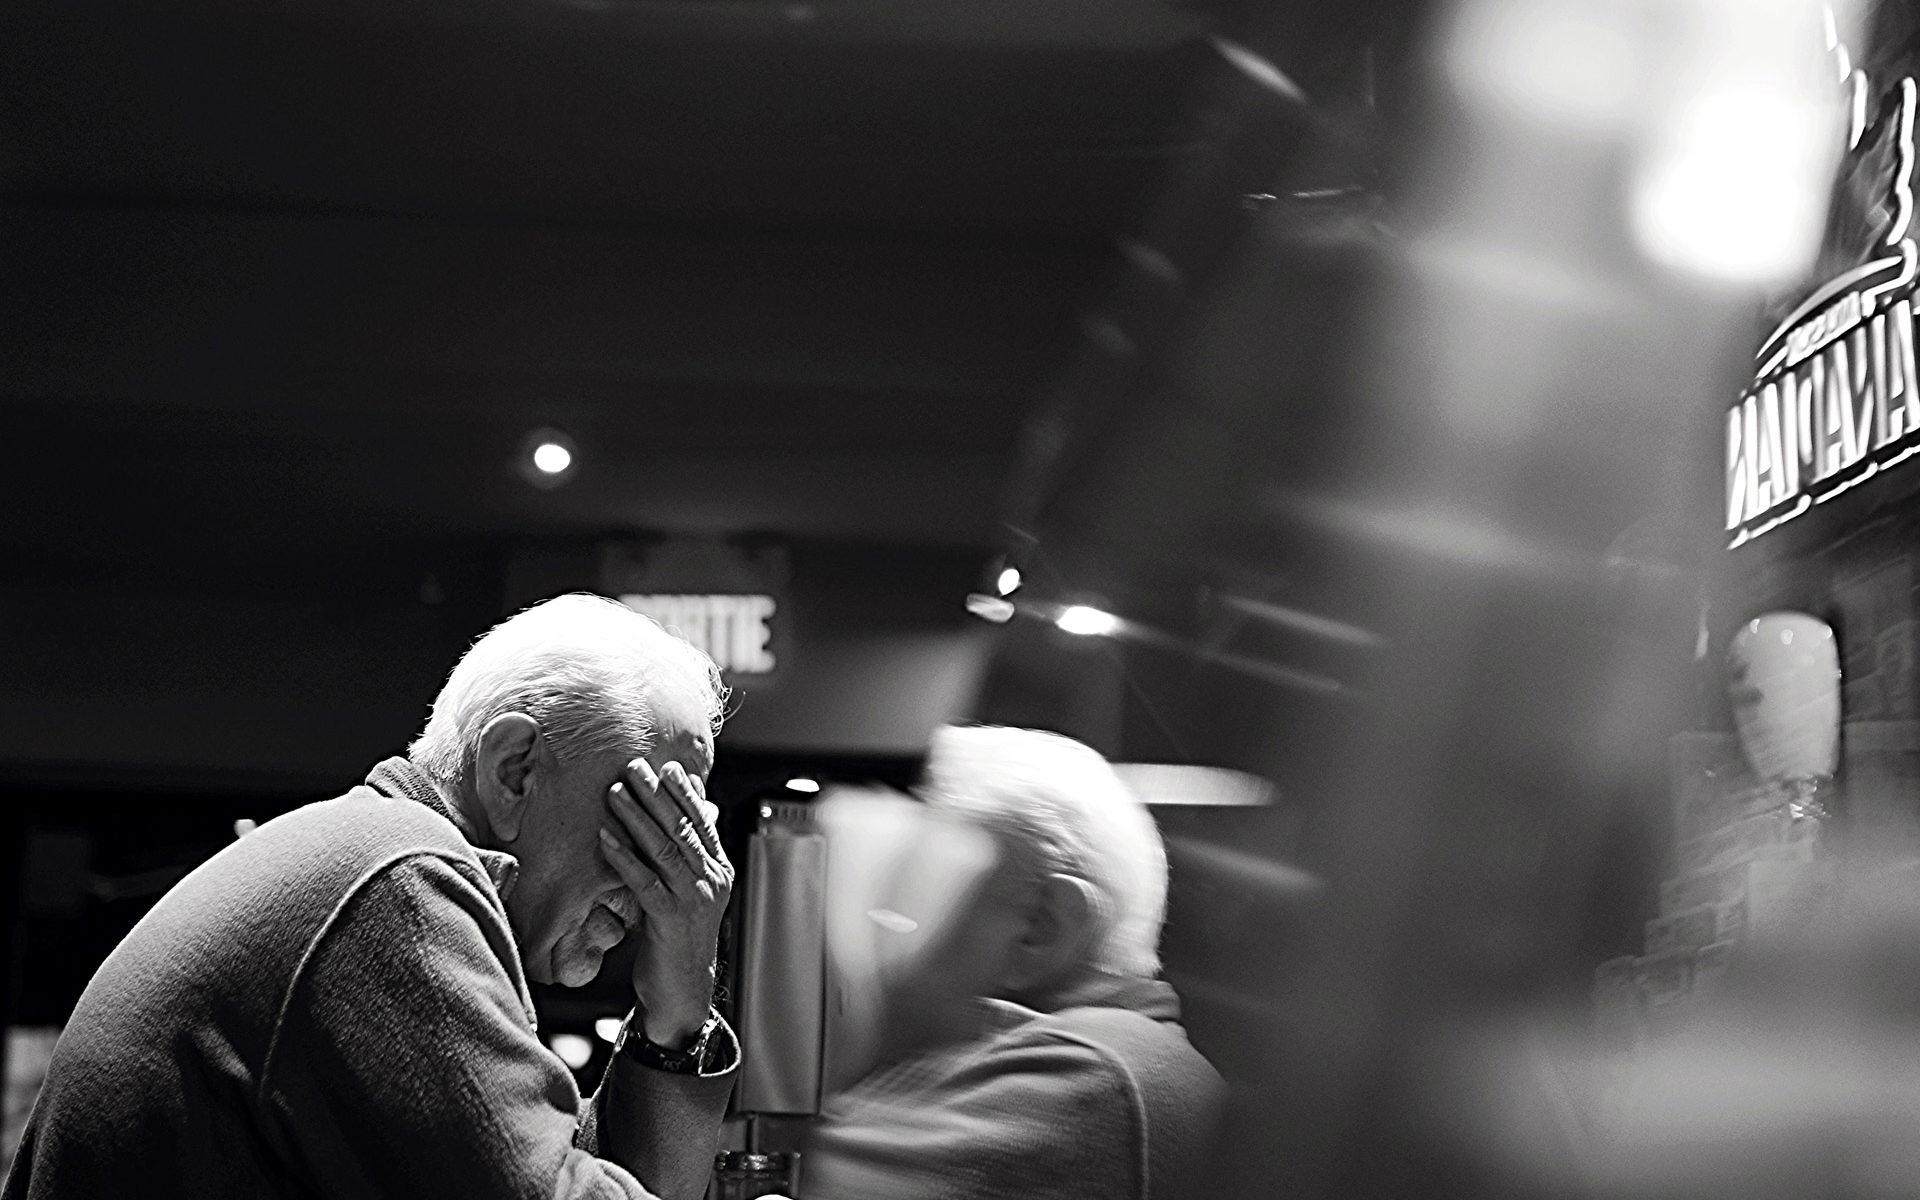 La depressione senile